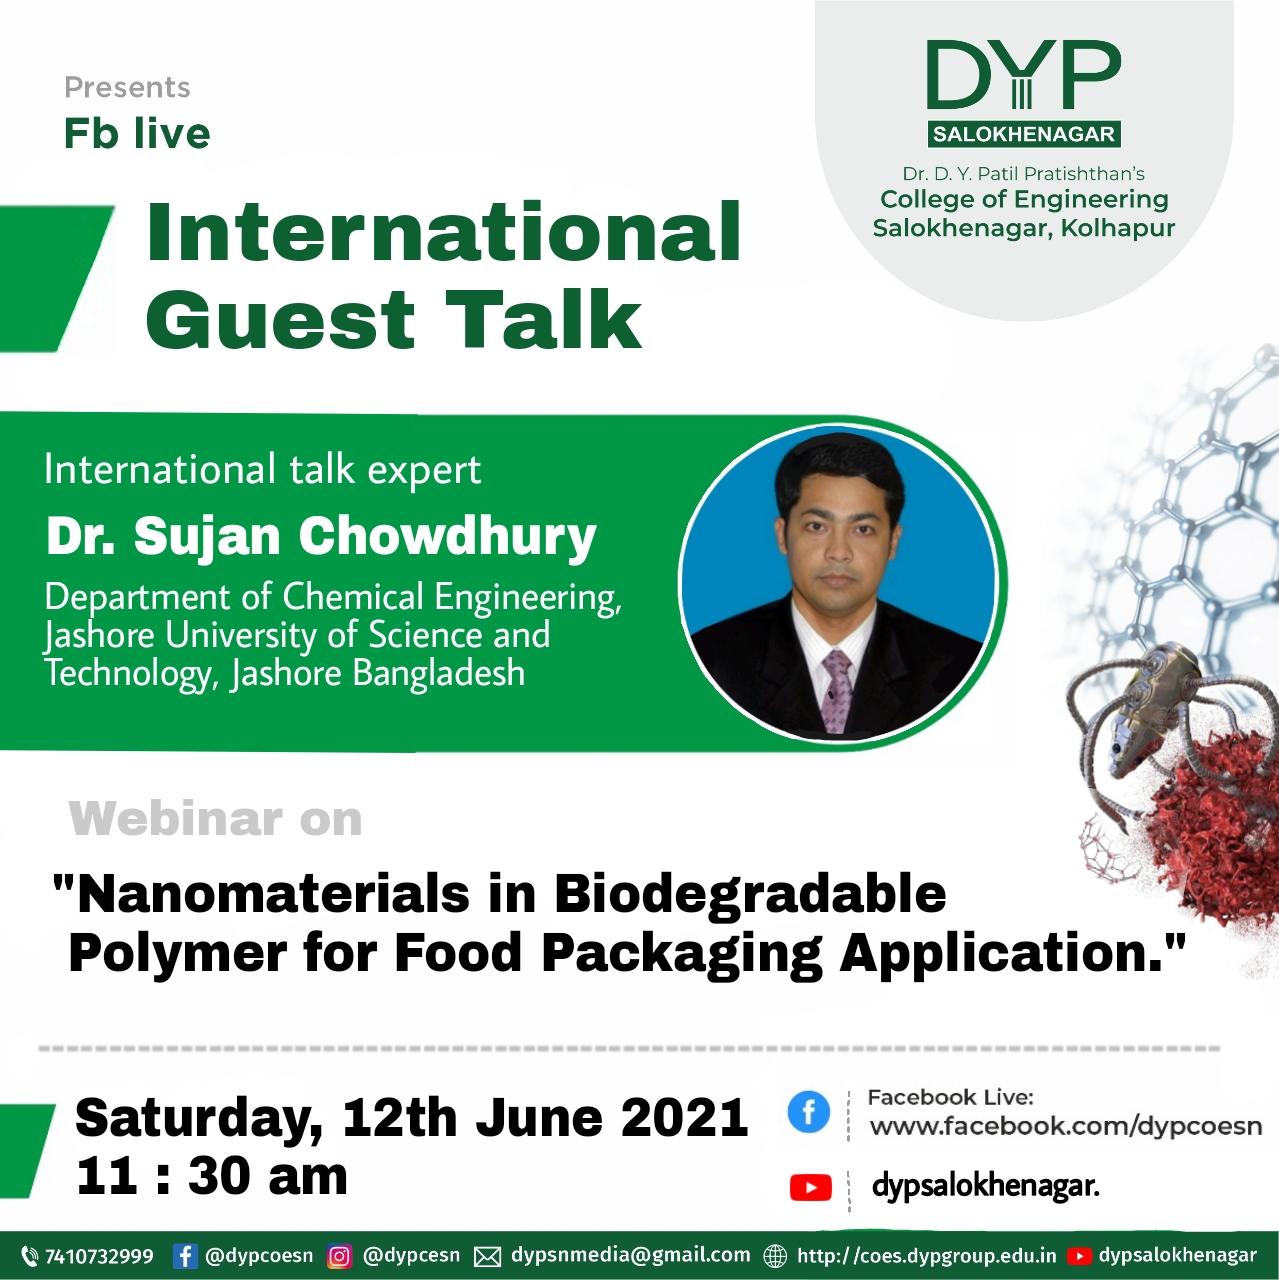 International Guest talk